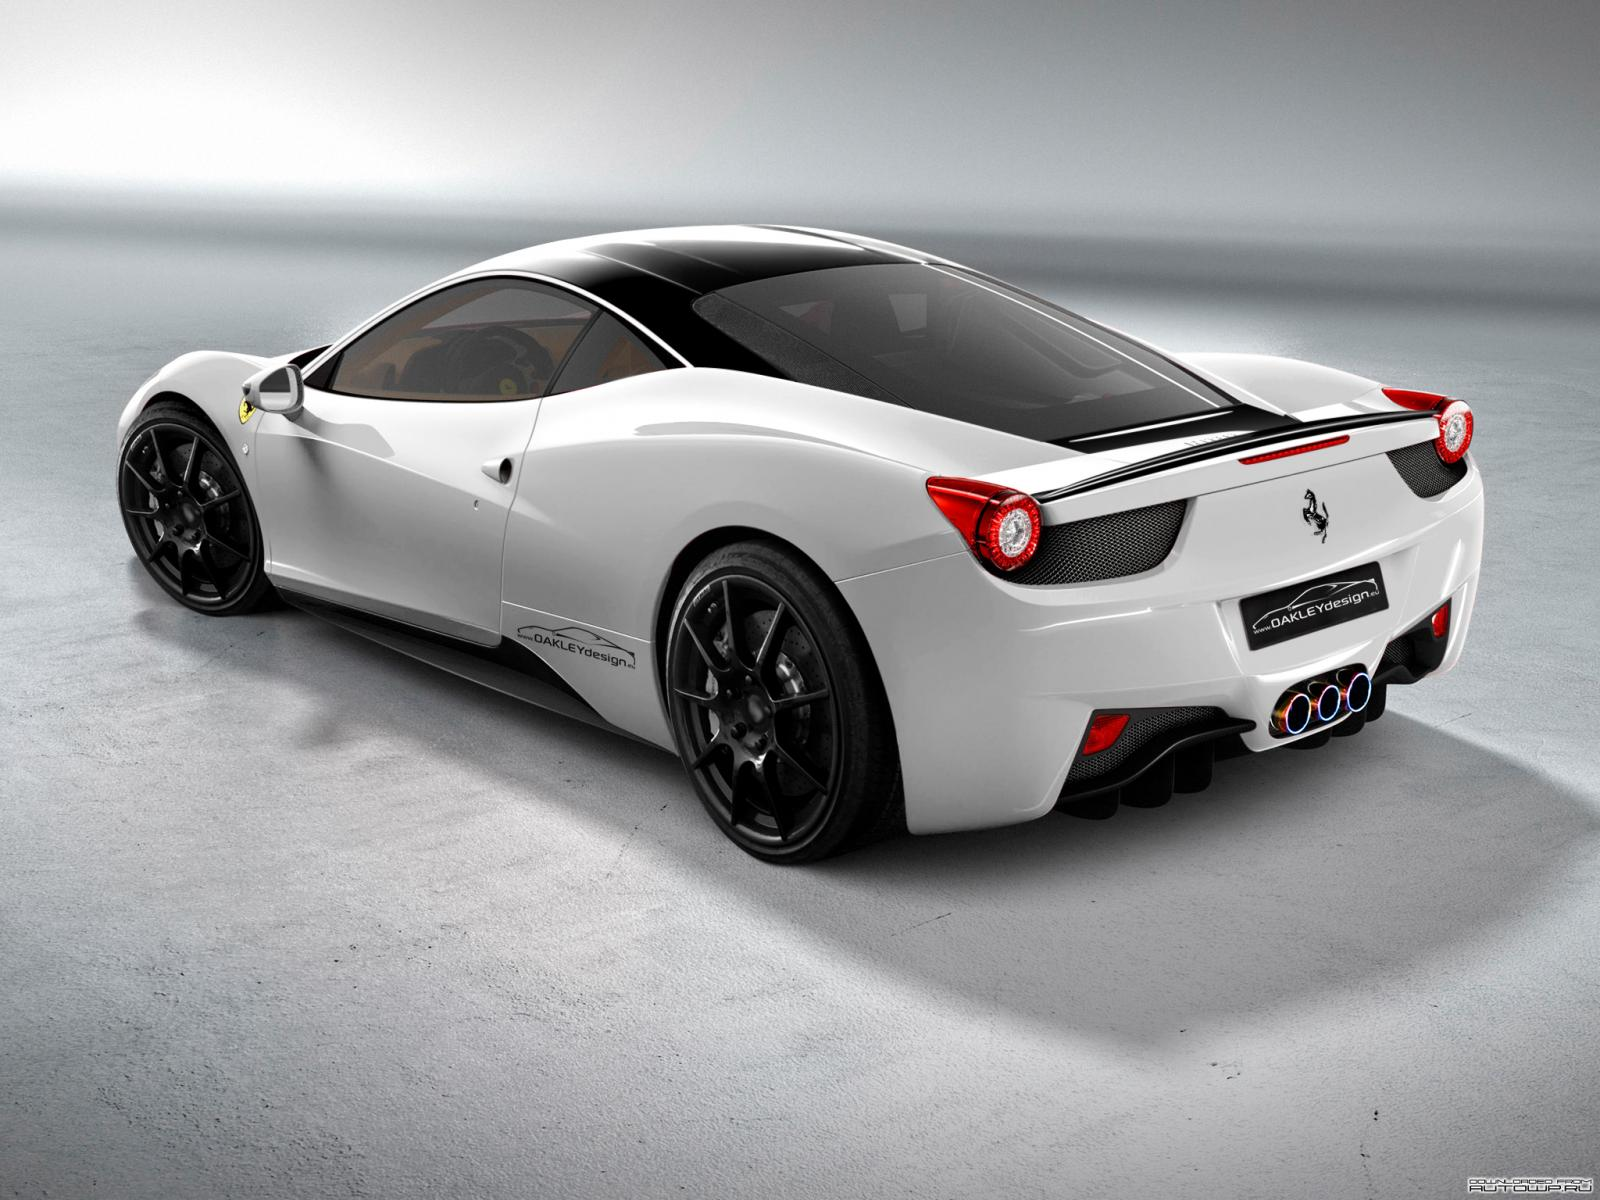 Ferrari 458 Italia in